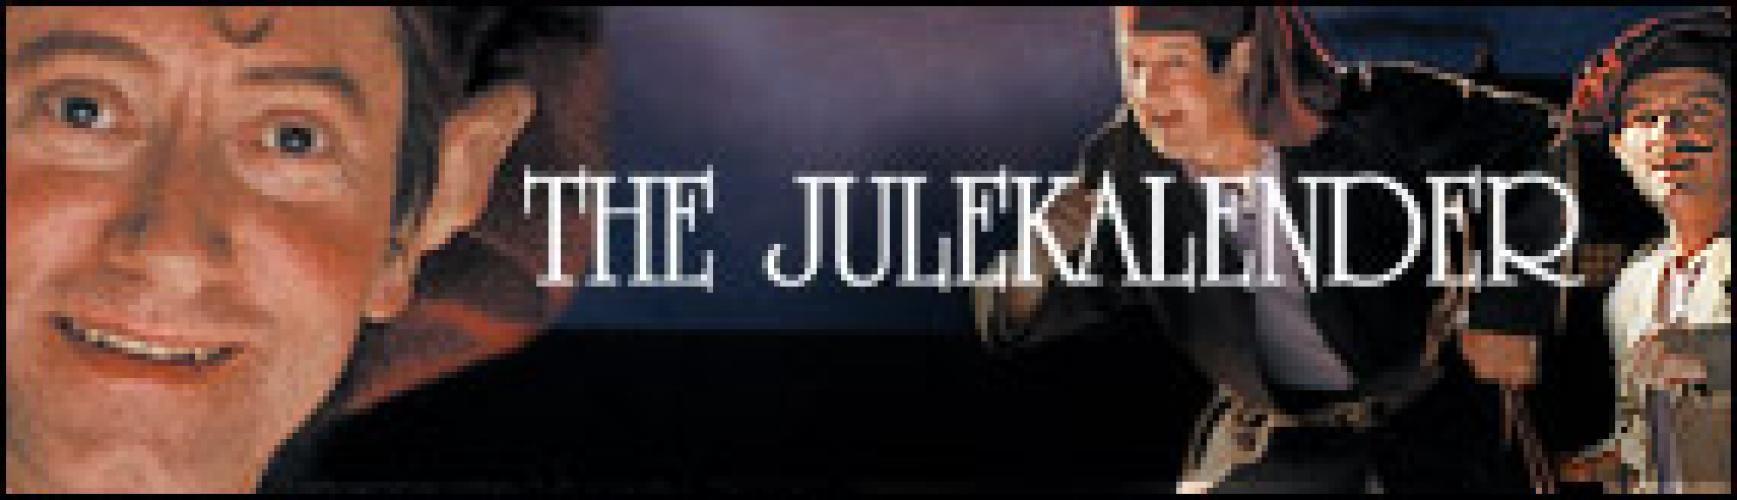 The Julekalender next episode air date poster